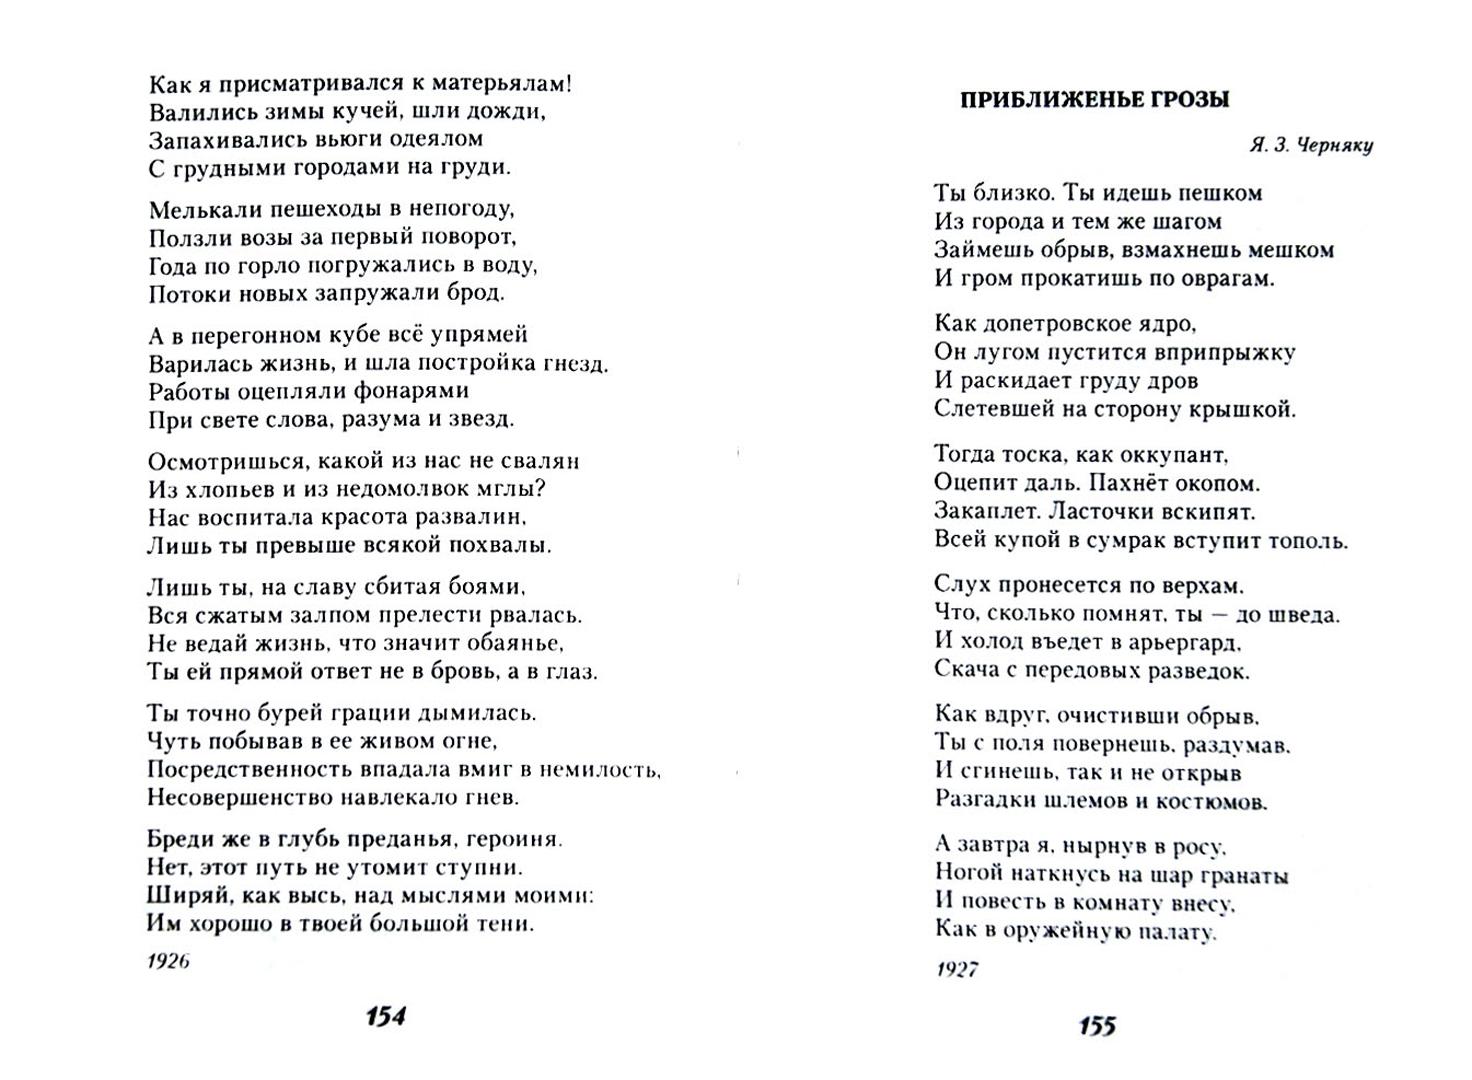 Иллюстрация 1 из 17 для Великие поэты мира. Борис Пастернак - Борис Пастернак | Лабиринт - книги. Источник: Лабиринт